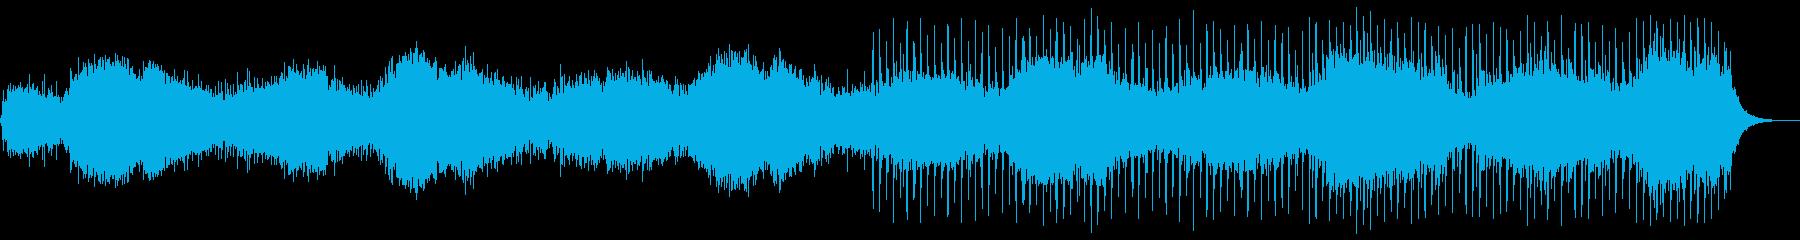 【フル尺】ドキュメント風のアンビエントの再生済みの波形